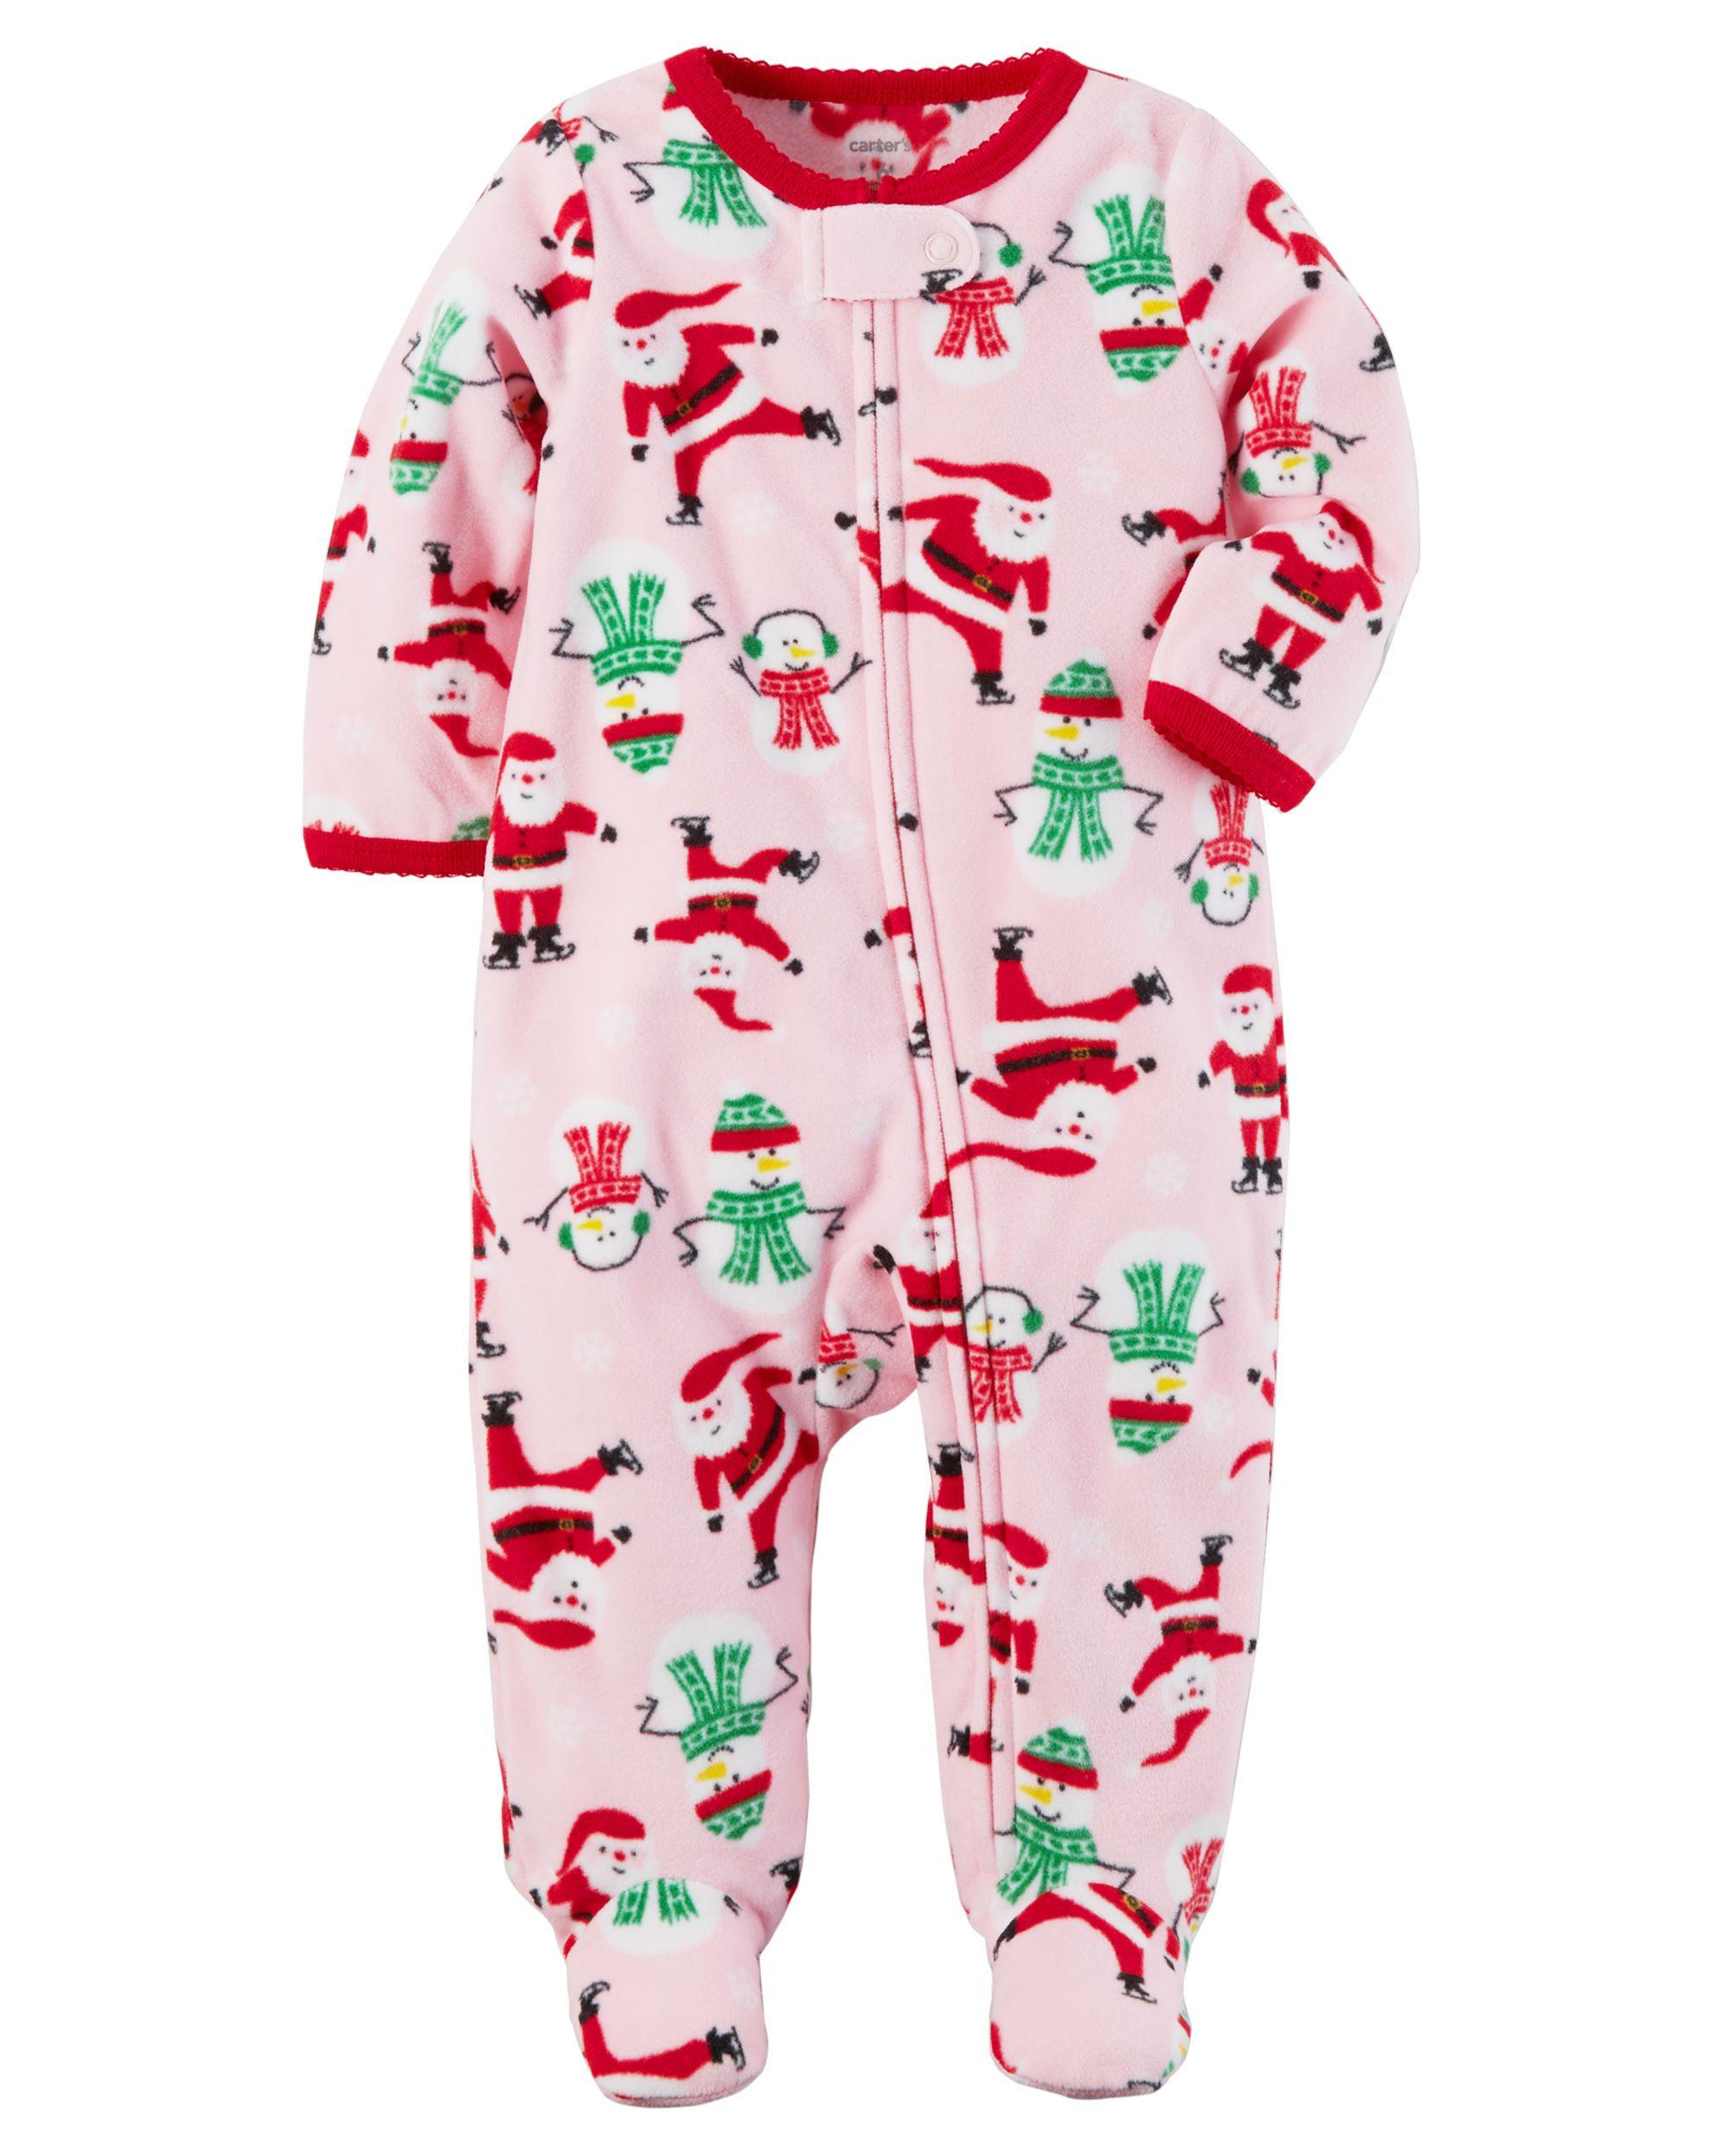 6ddf897dda01 Fleece Zip-Up Christmas Sleep   Play